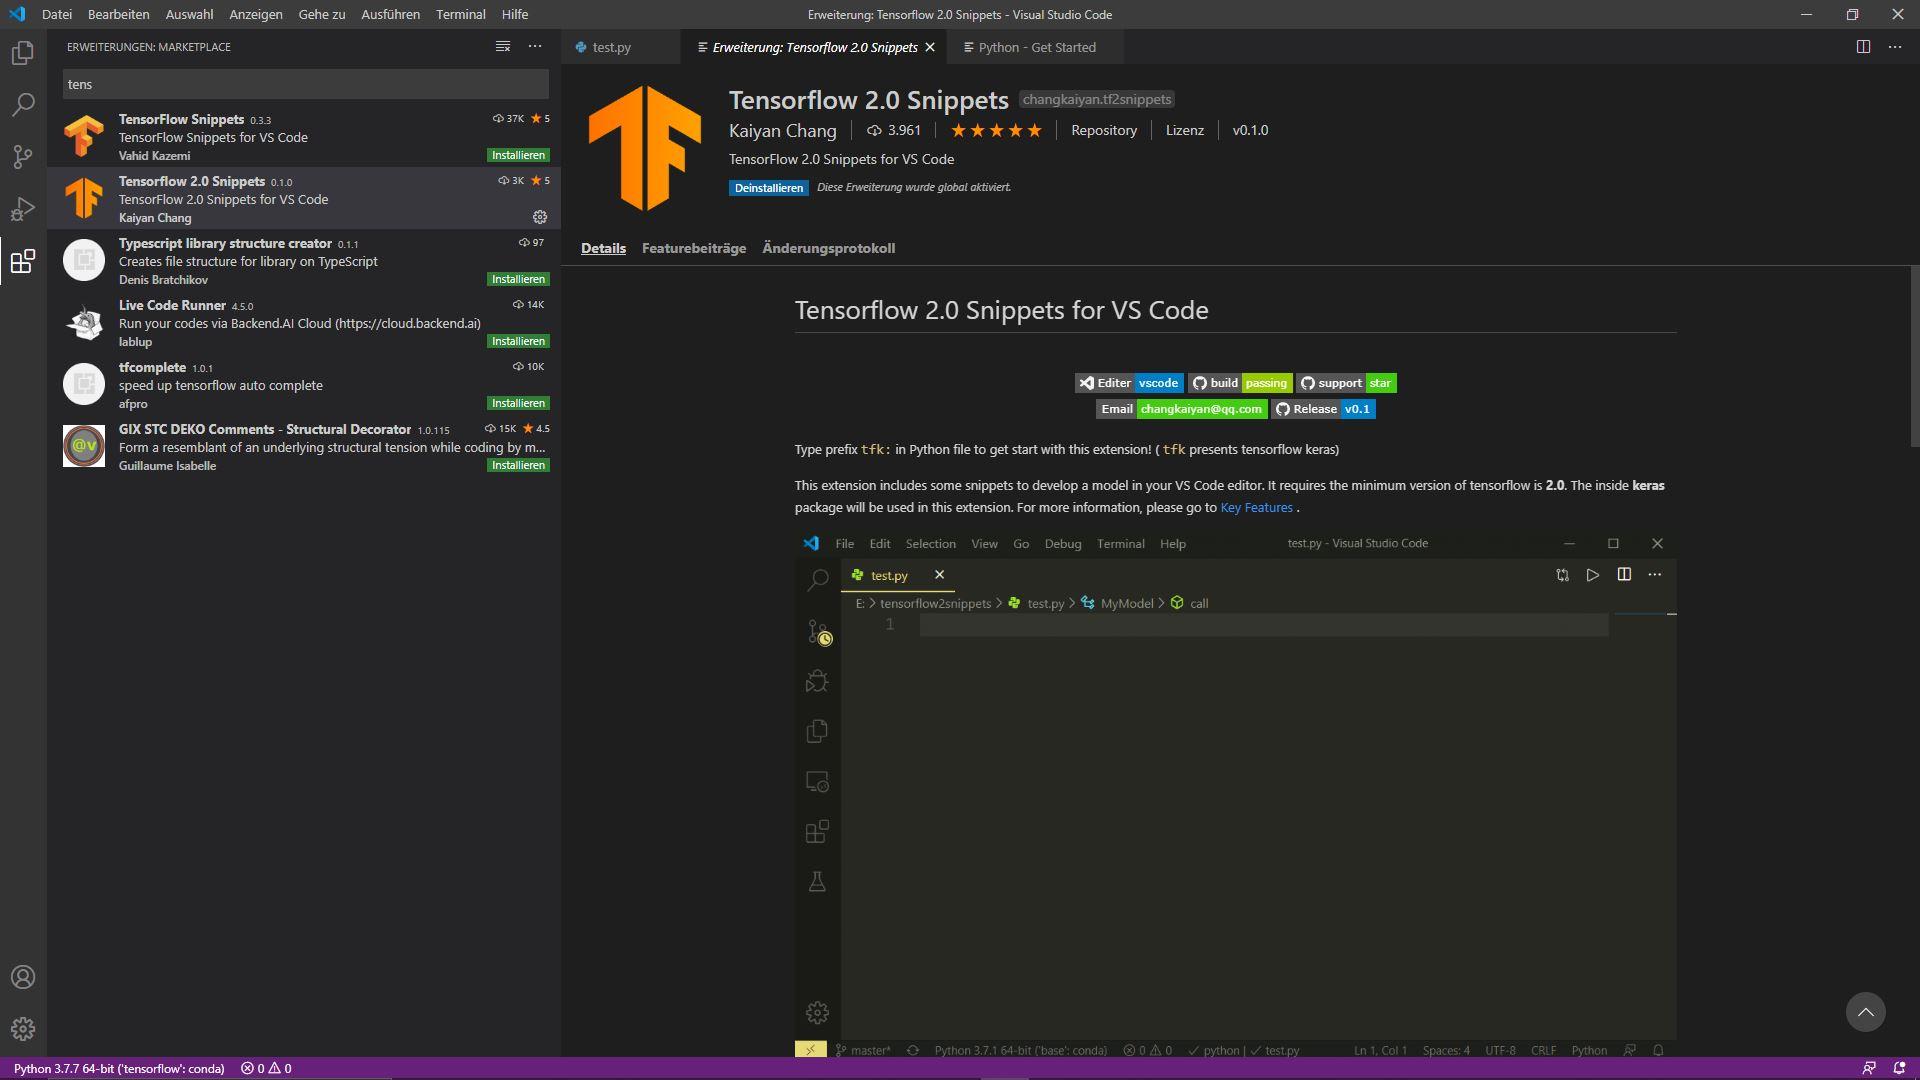 Erweiterung Tensorflow 2.0